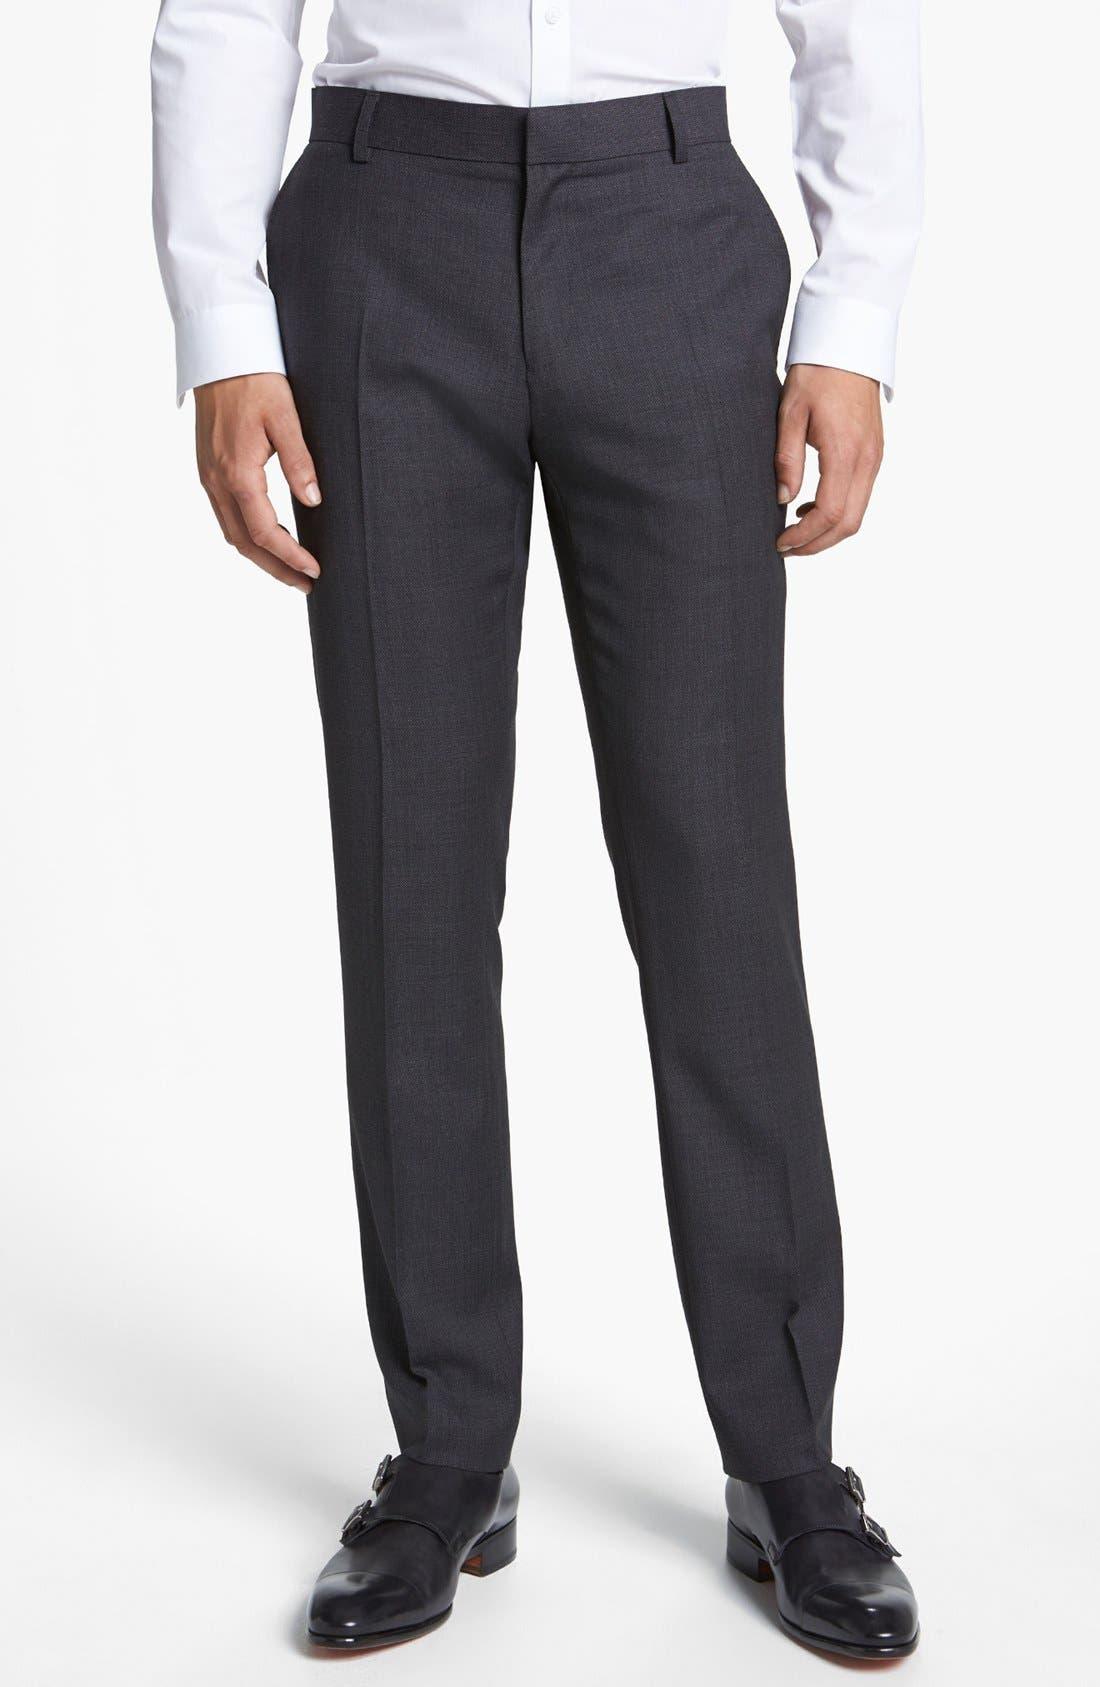 Alternate Image 1 Selected - Topman Slim Fit Trousers